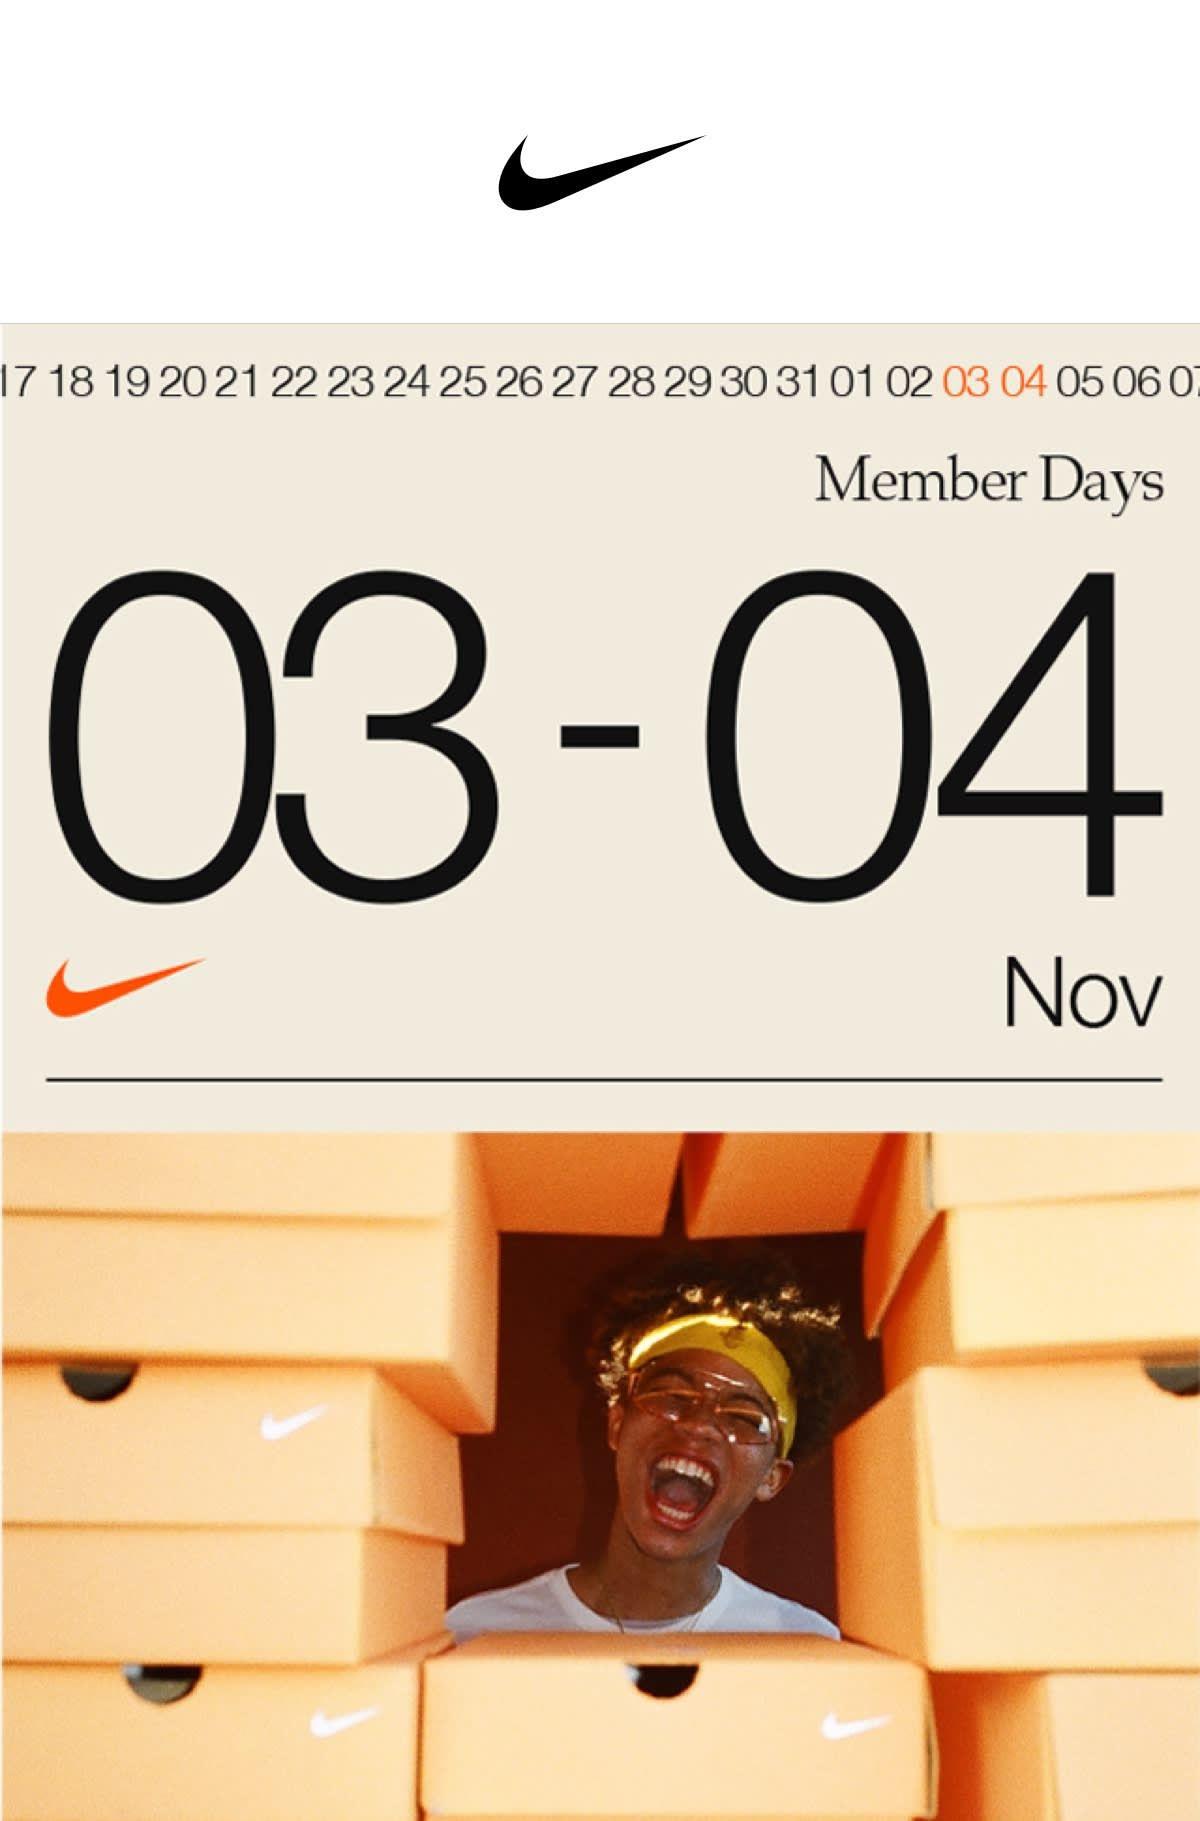 30% de descuento sobre productos sin rebaja en Nike.com (Del 3 al 4 de Nov.)